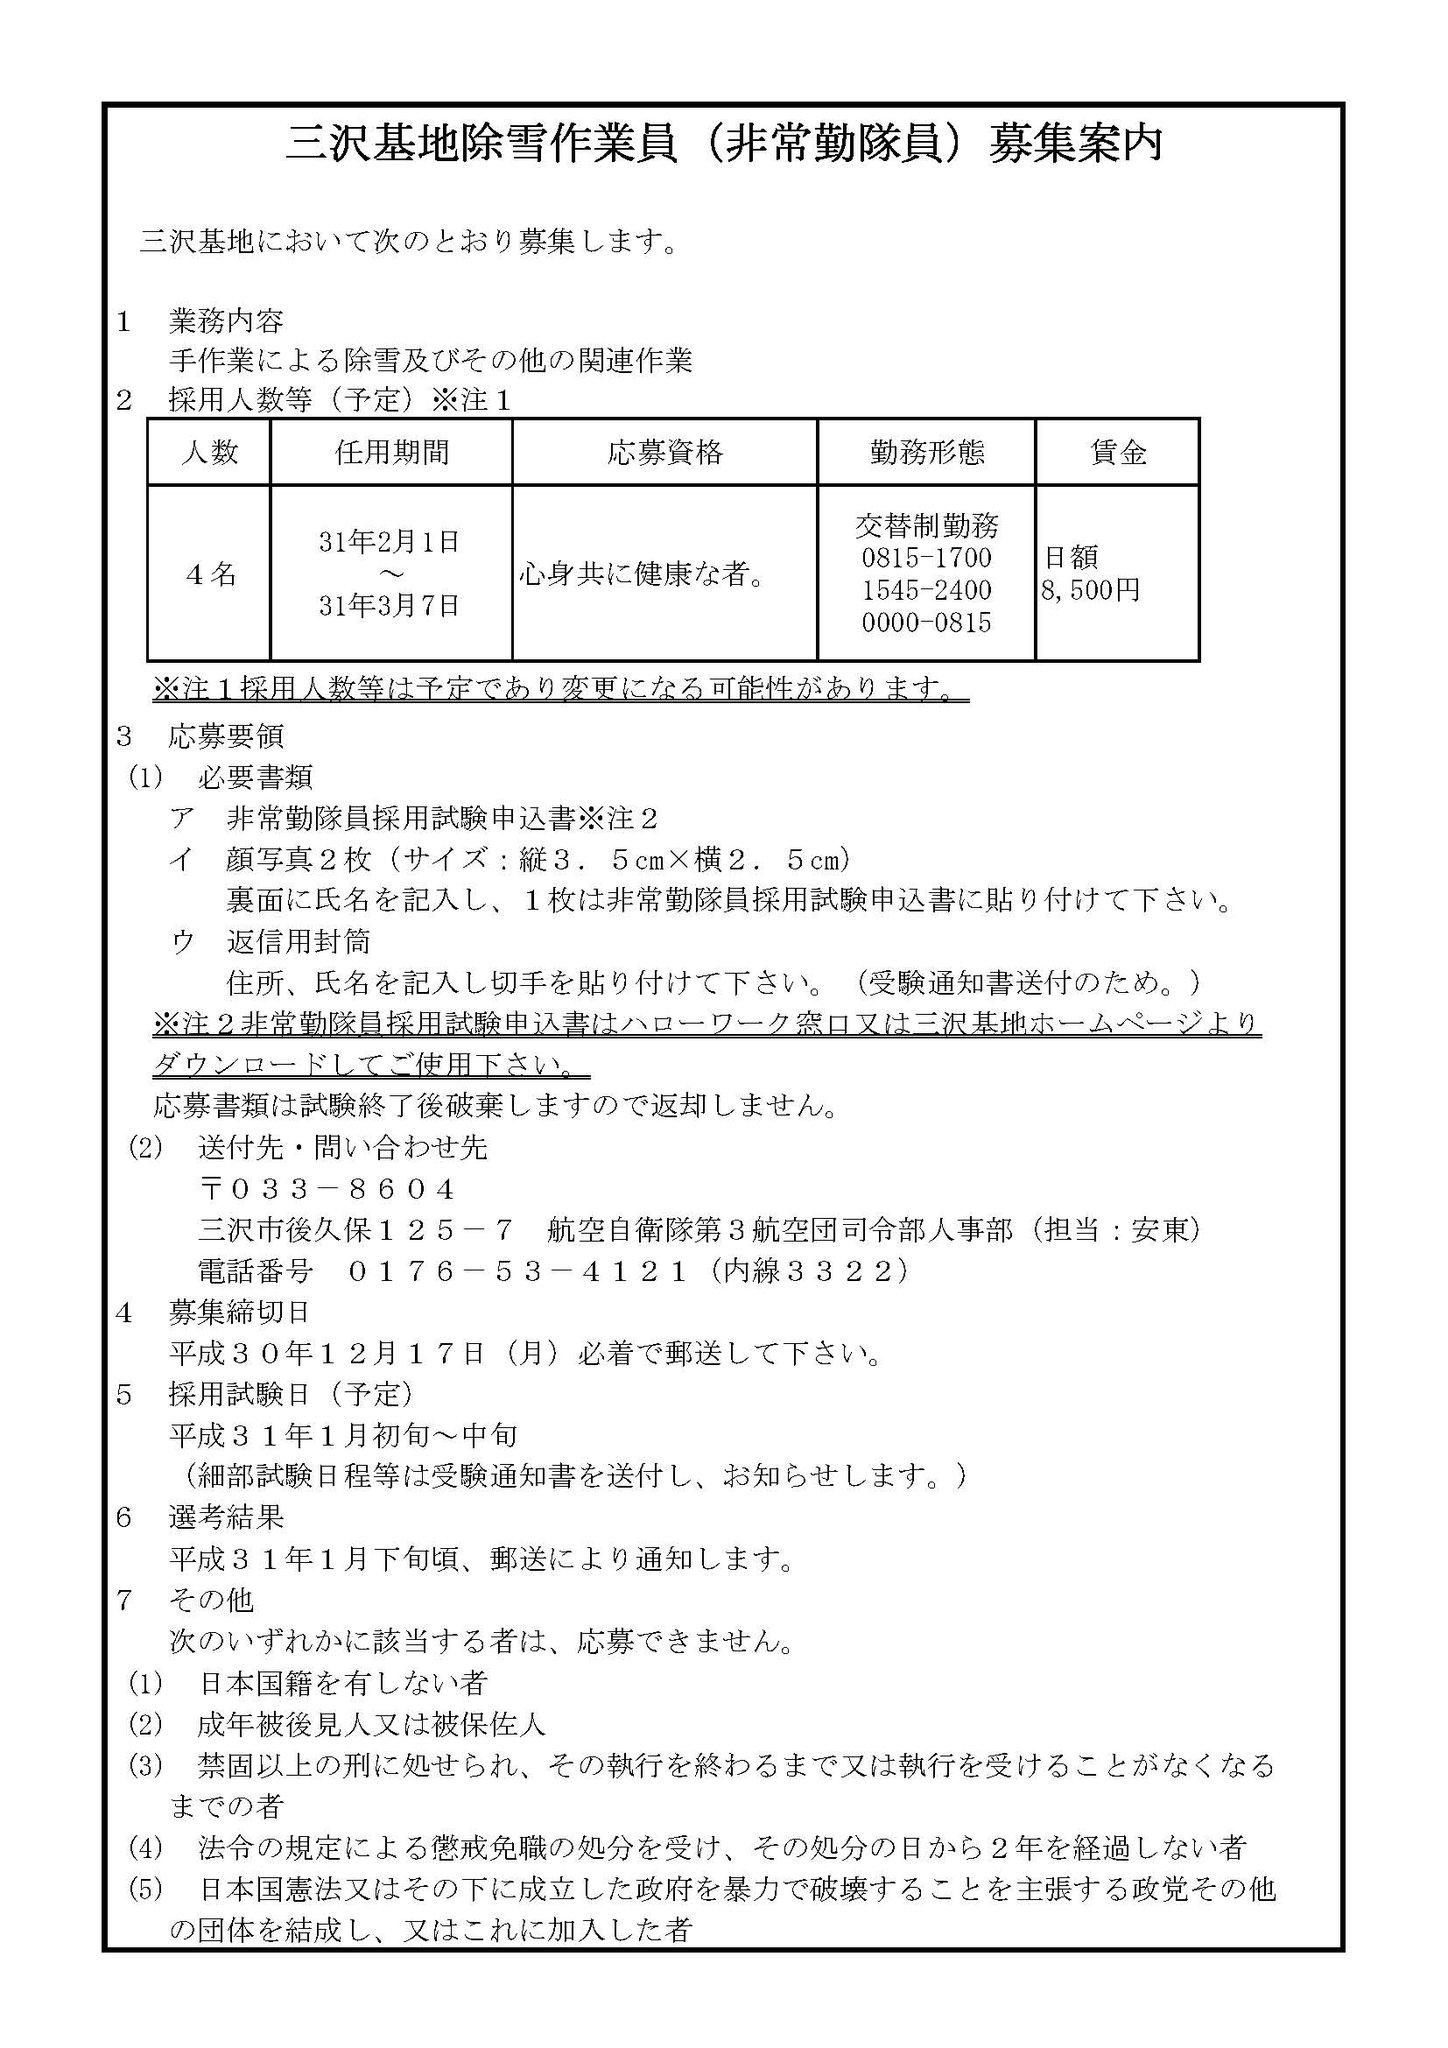 三沢基地除雪作業員(非常勤隊員)募集案内について❄️☃️ 三沢基地は除雪作業員を募集します‼️ 興味がある方は、募集案内をよく読みご応募下さい😆 どうぞ、よろしくお願いいたします🌨️☃️ https://t.co/jIEKrxQI43